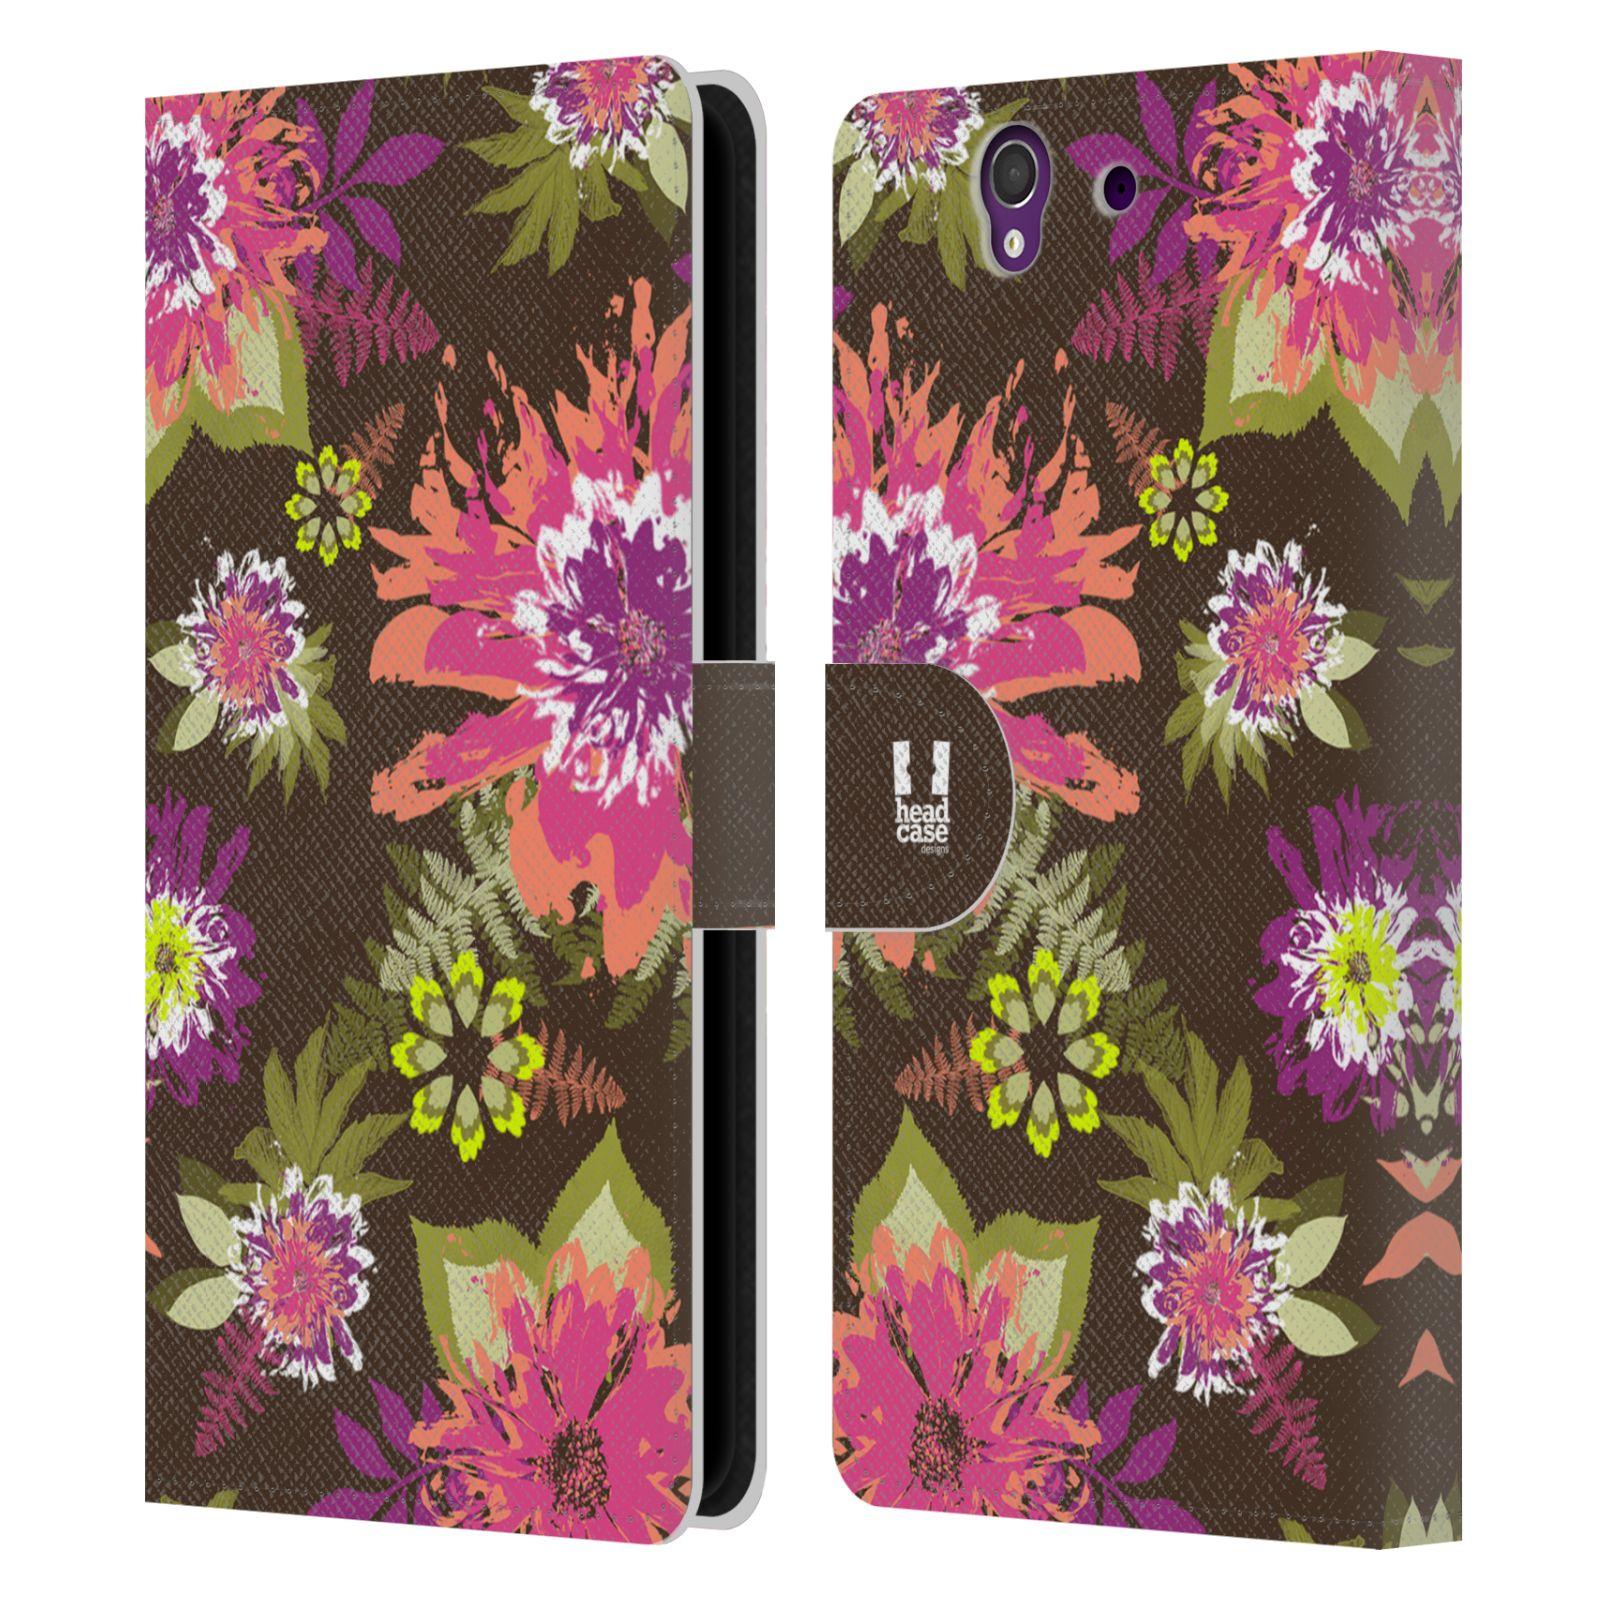 HEAD CASE Flipové pouzdro pro mobil SONY XPERIA Z (C6603) BOTANIKA barevné květy zelená